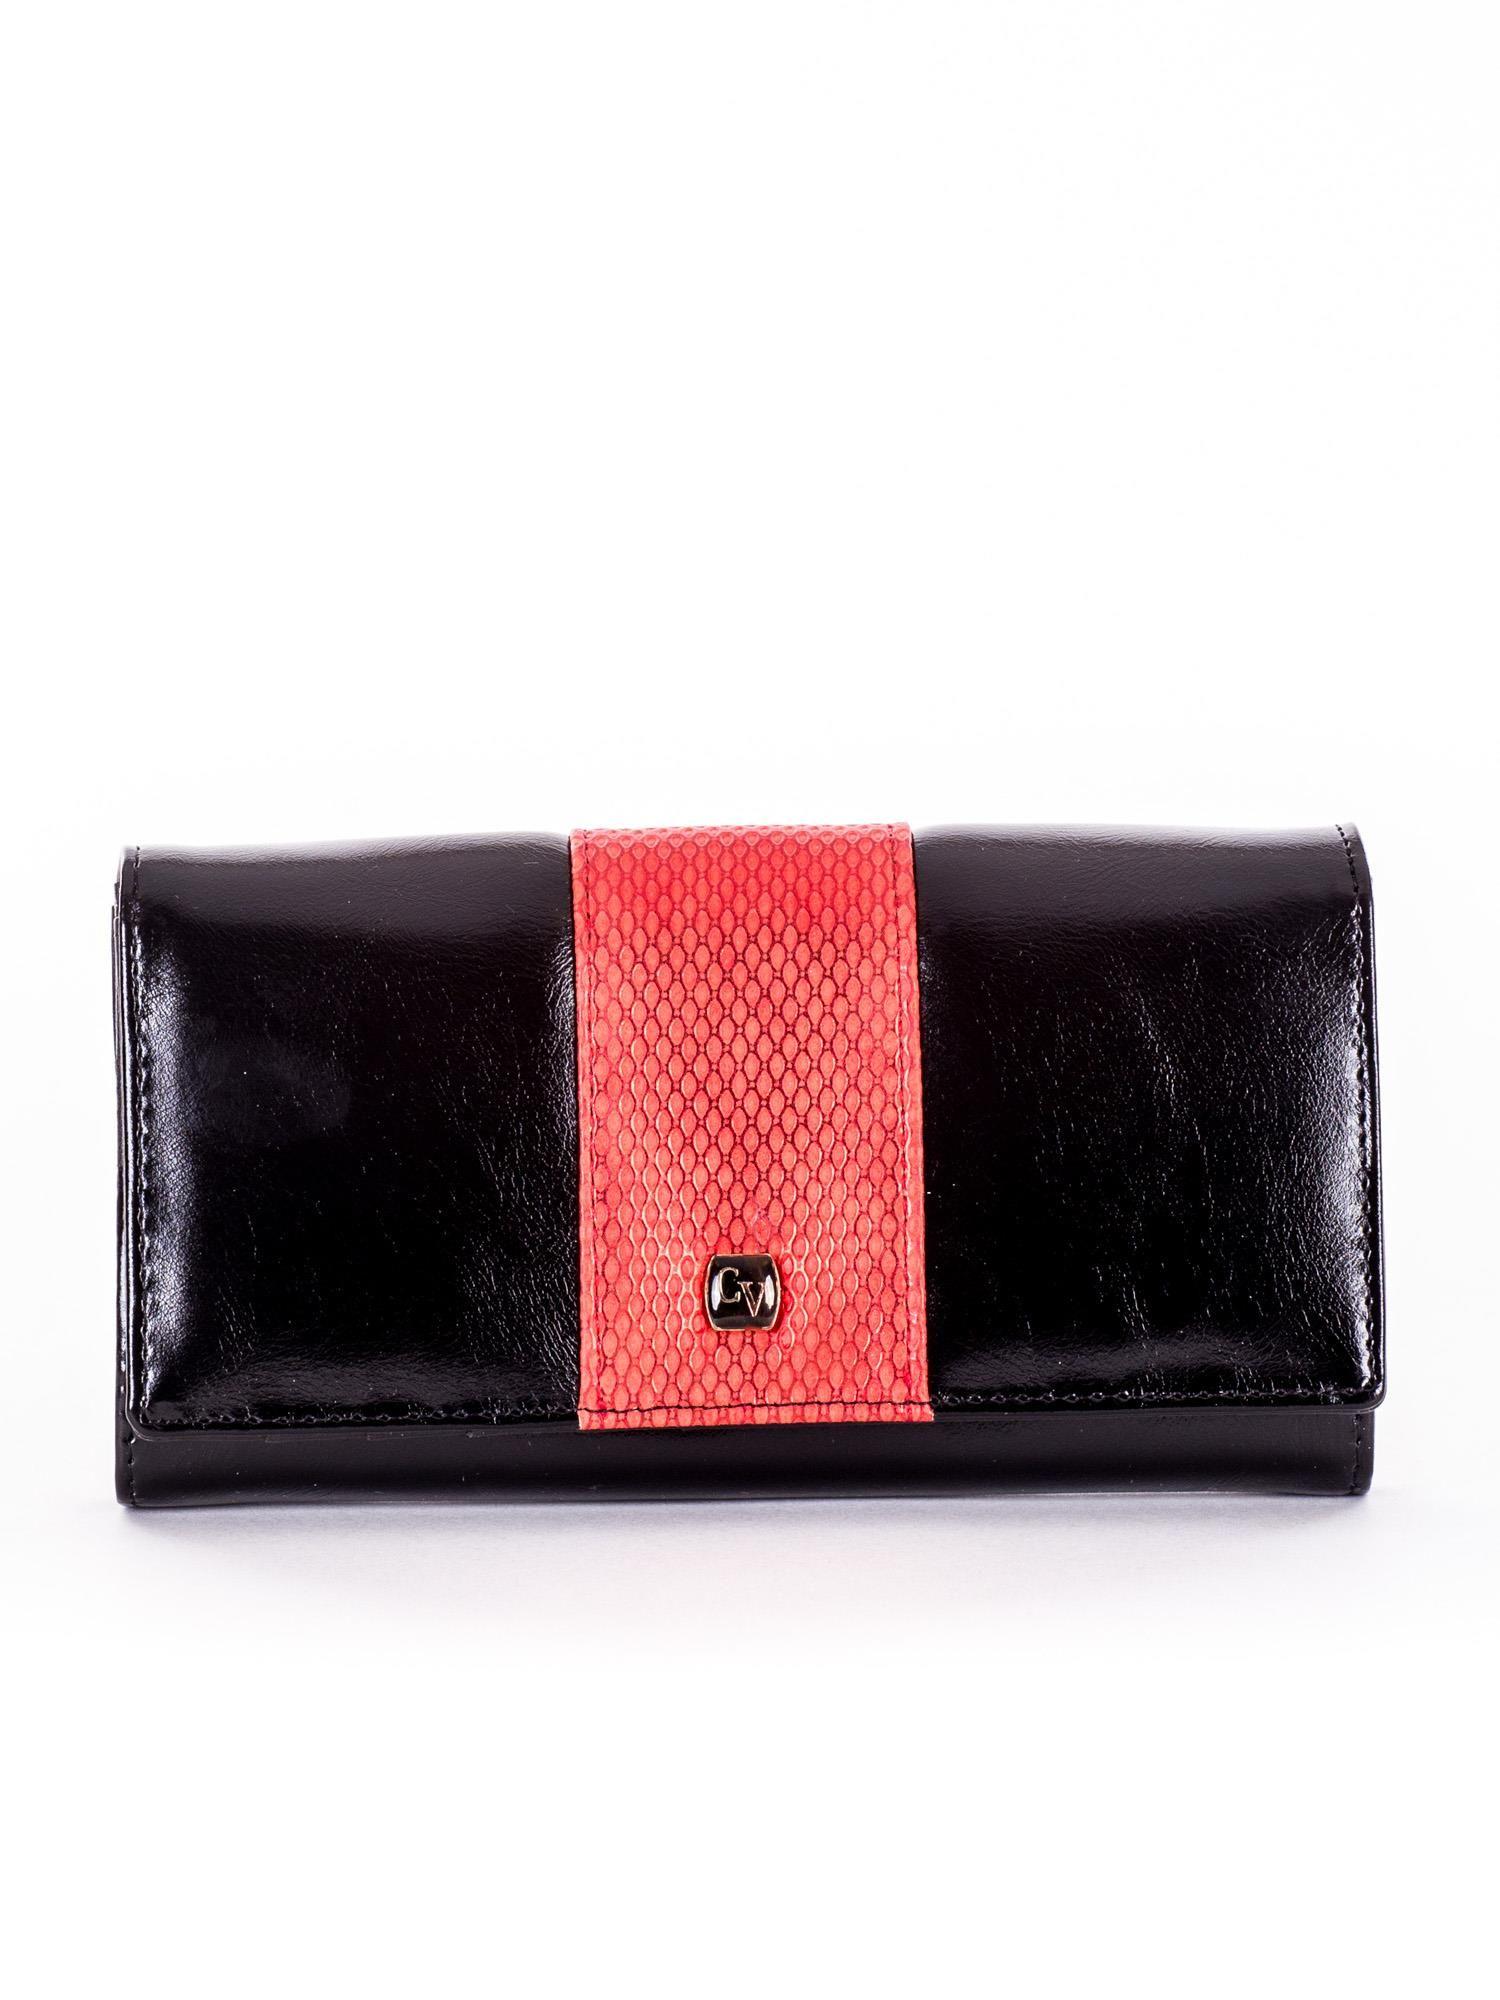 2a75c30a370ab Czarny portfel damski skórzany z czerwoną wstawką - Akcesoria portfele -  sklep eButik.pl